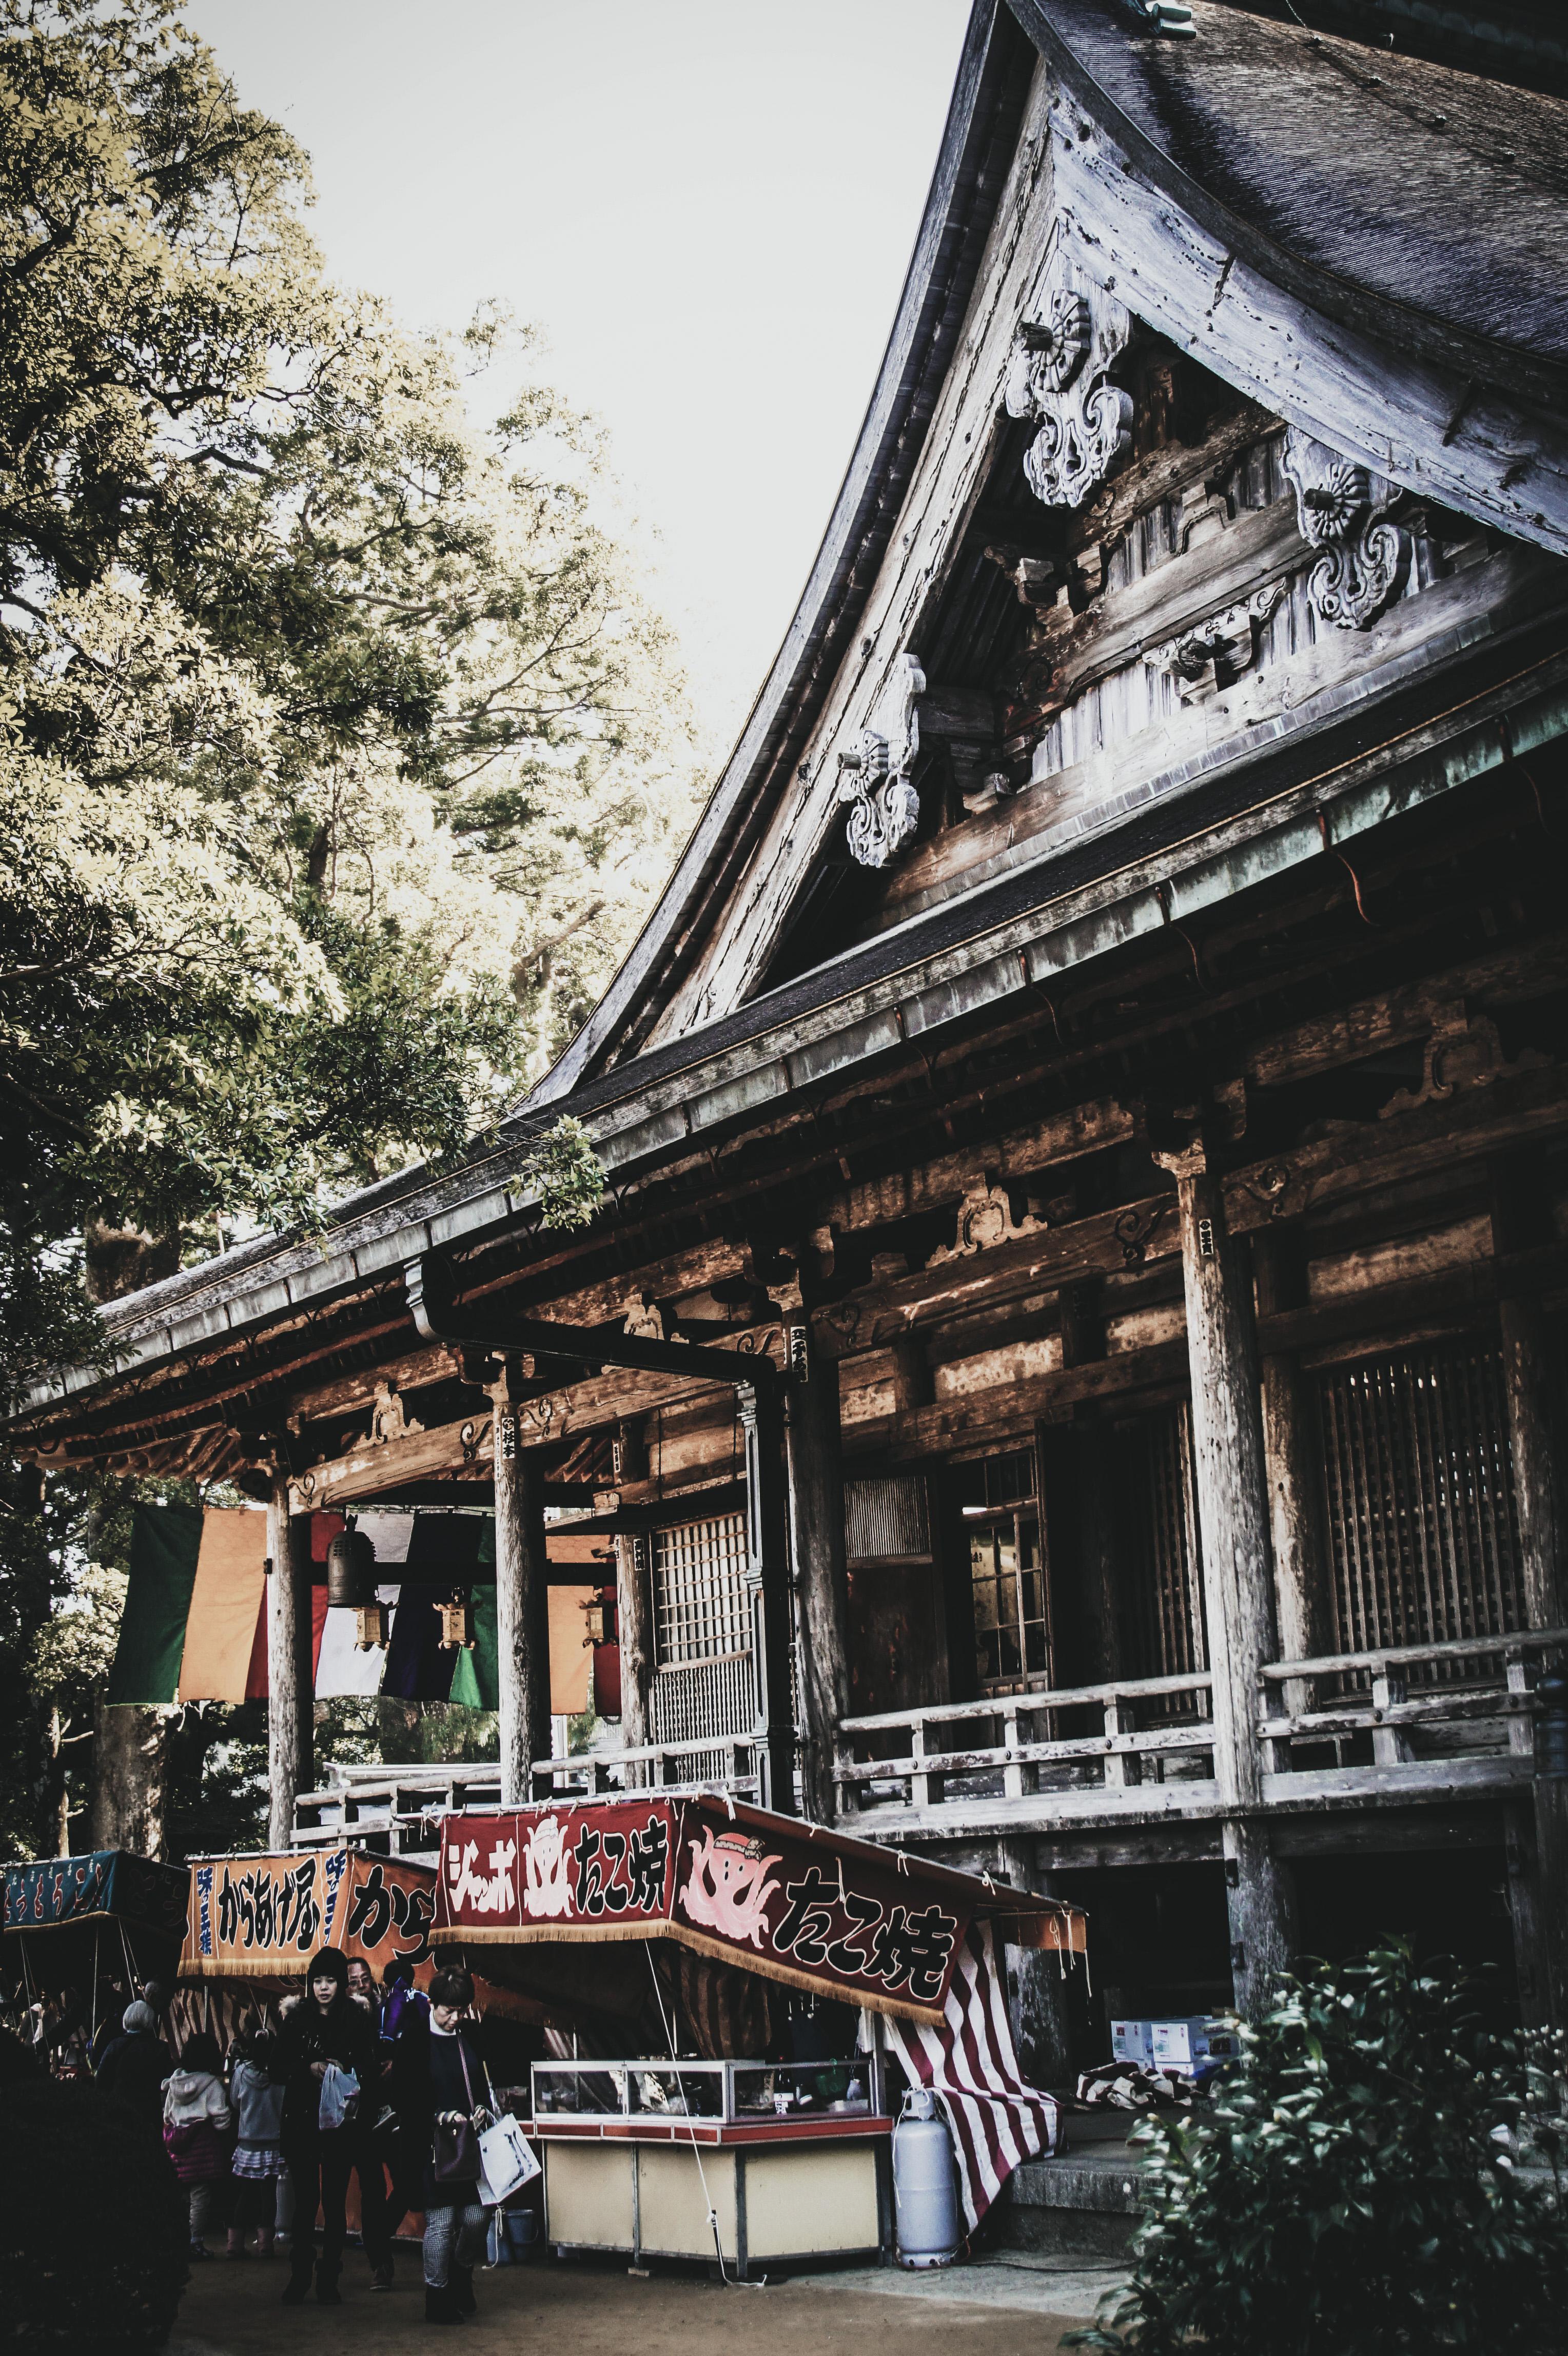 Nachikatsuura, Wakayama